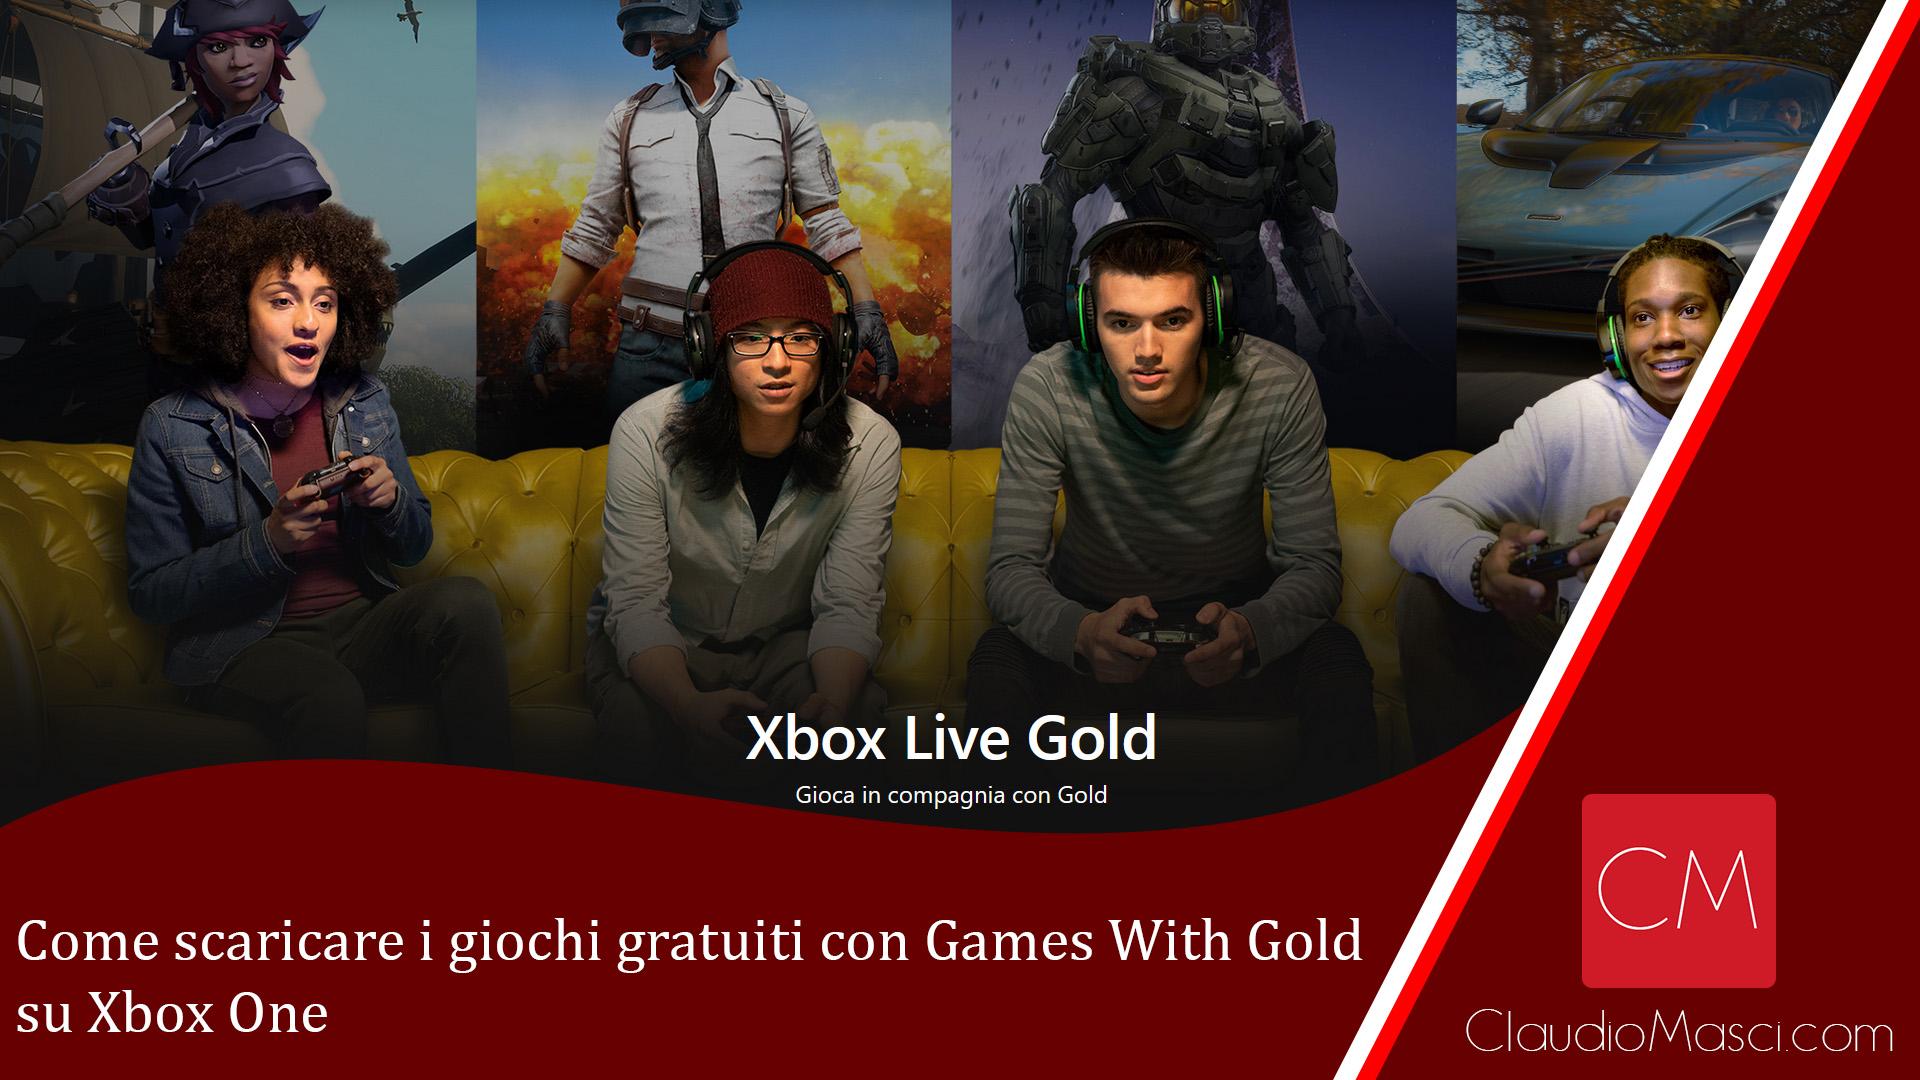 Come scaricare i giochi gratuiti con Games With Gold su Xbox One